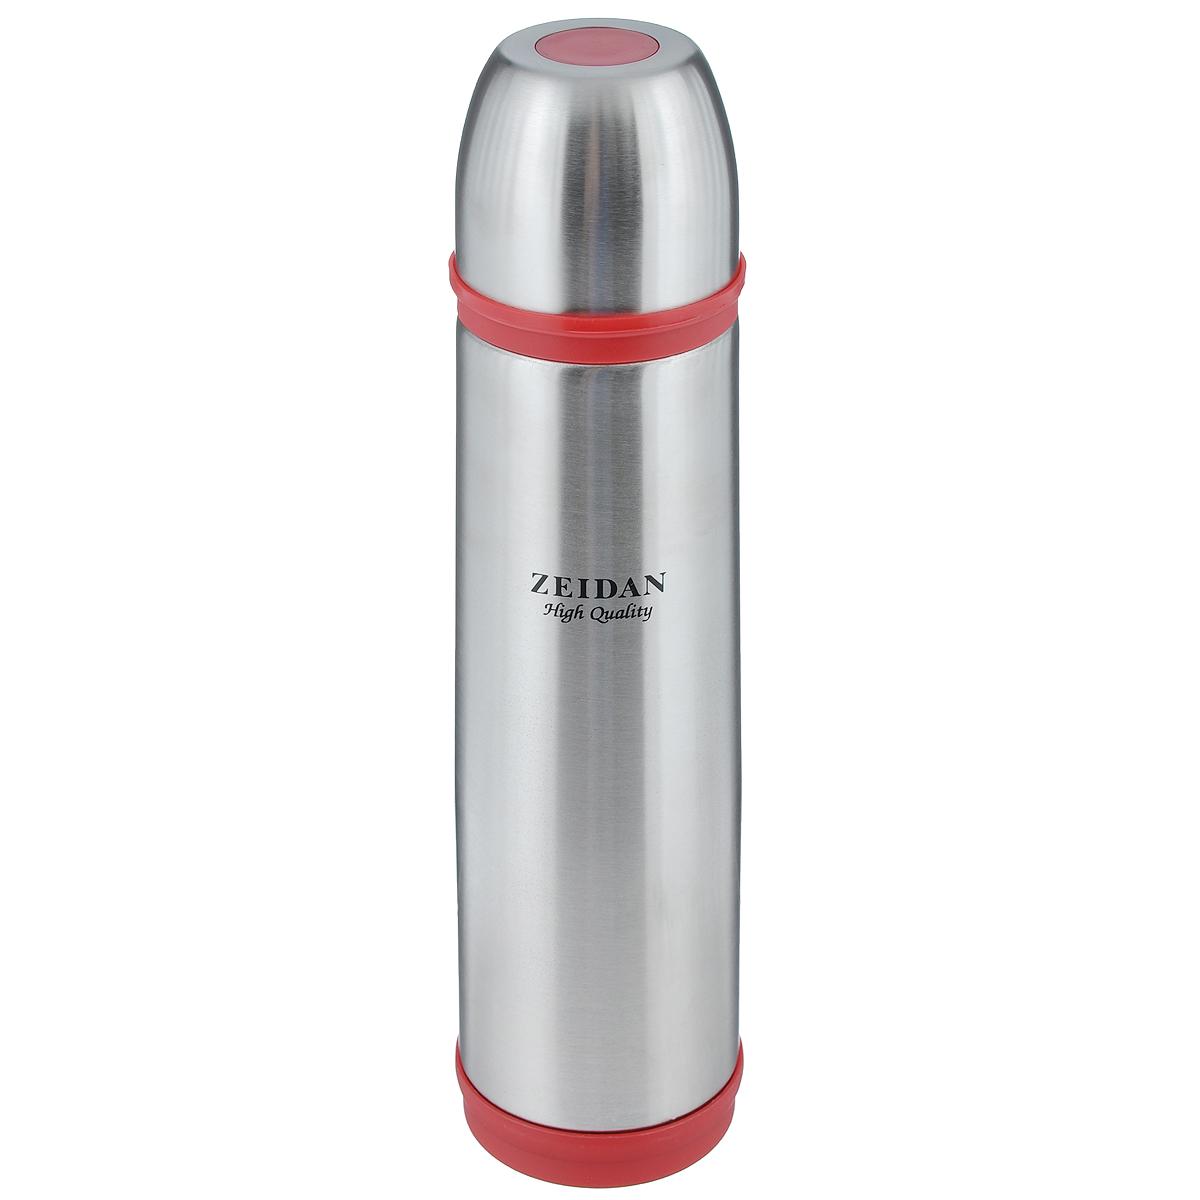 Термос Zeidan, цвет: красный, серебристый, 1 лZ-9038 КрасныйТермос с узким горлом Zeidan, изготовленный из высококачественной нержавеющей стали, является простым в использовании, экономичным и многофункциональным. Термос с двухстеночной вакуумной изоляцией, предназначенный для хранения горячих и холодных напитков (чая, кофе). Изделие укомплектовано пробкой с кнопкой. Такая пробка удобна в использовании и позволяет, не отвинчивая ее, наливать напитки после простого нажатия. Изделие также оснащено крышкой-чашкой. Легкий и прочный термос Zeidan сохранит ваши напитки горячими или холодными надолго. Высота (с учетом крышки): 33,5 см. Диаметр горлышка: 5 см.